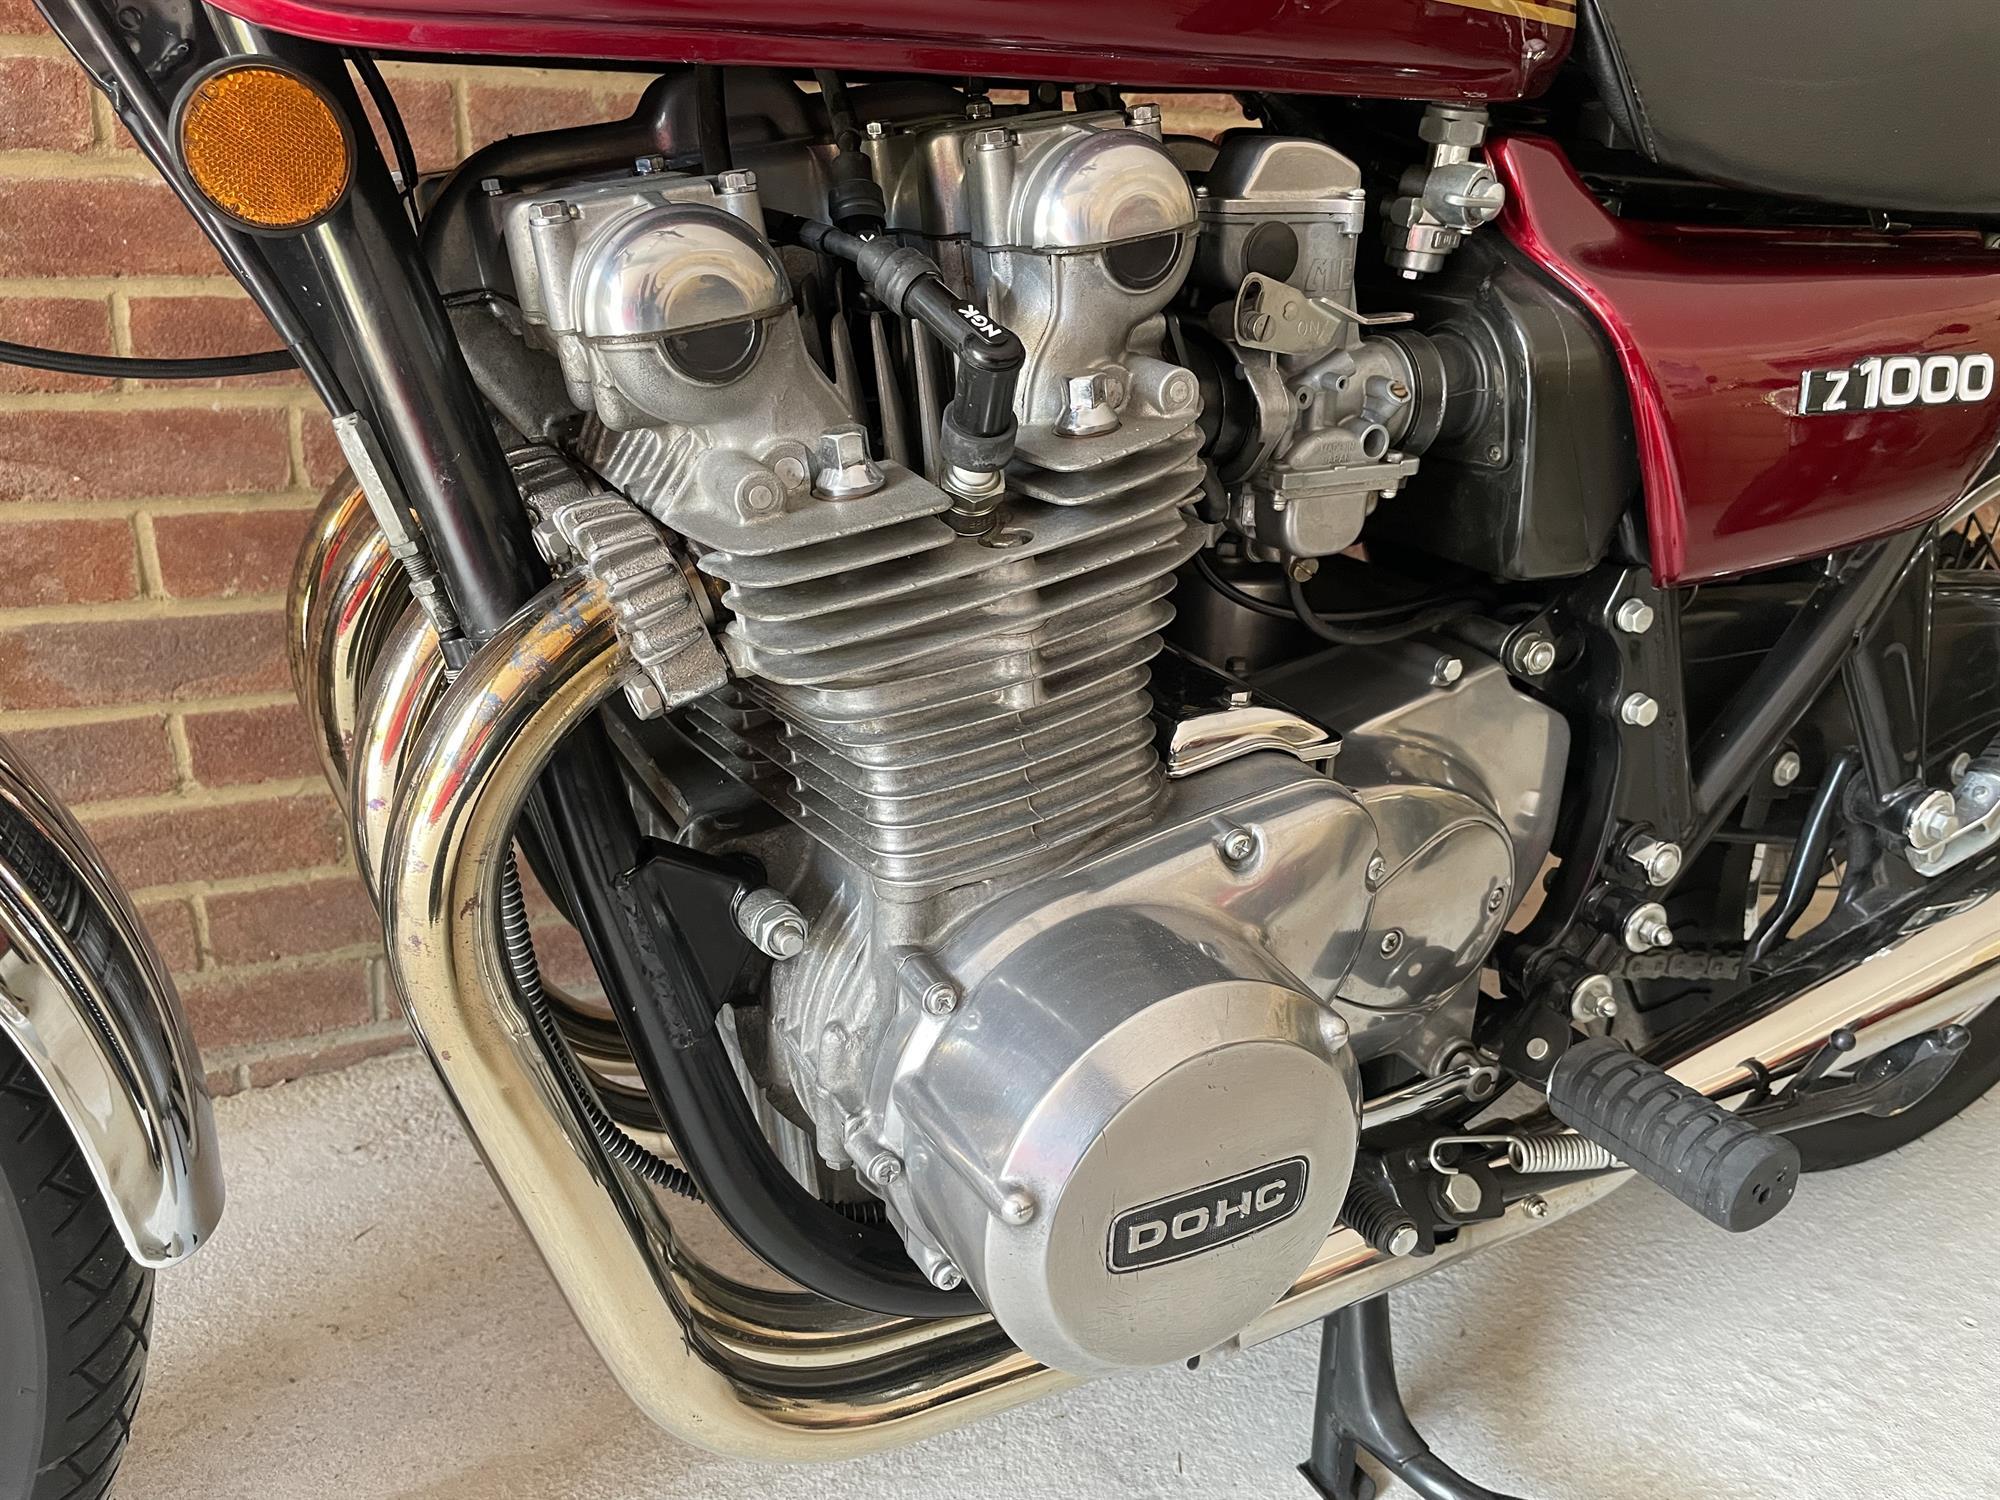 1977 Kawasaki Z1000 A1 - Image 7 of 10